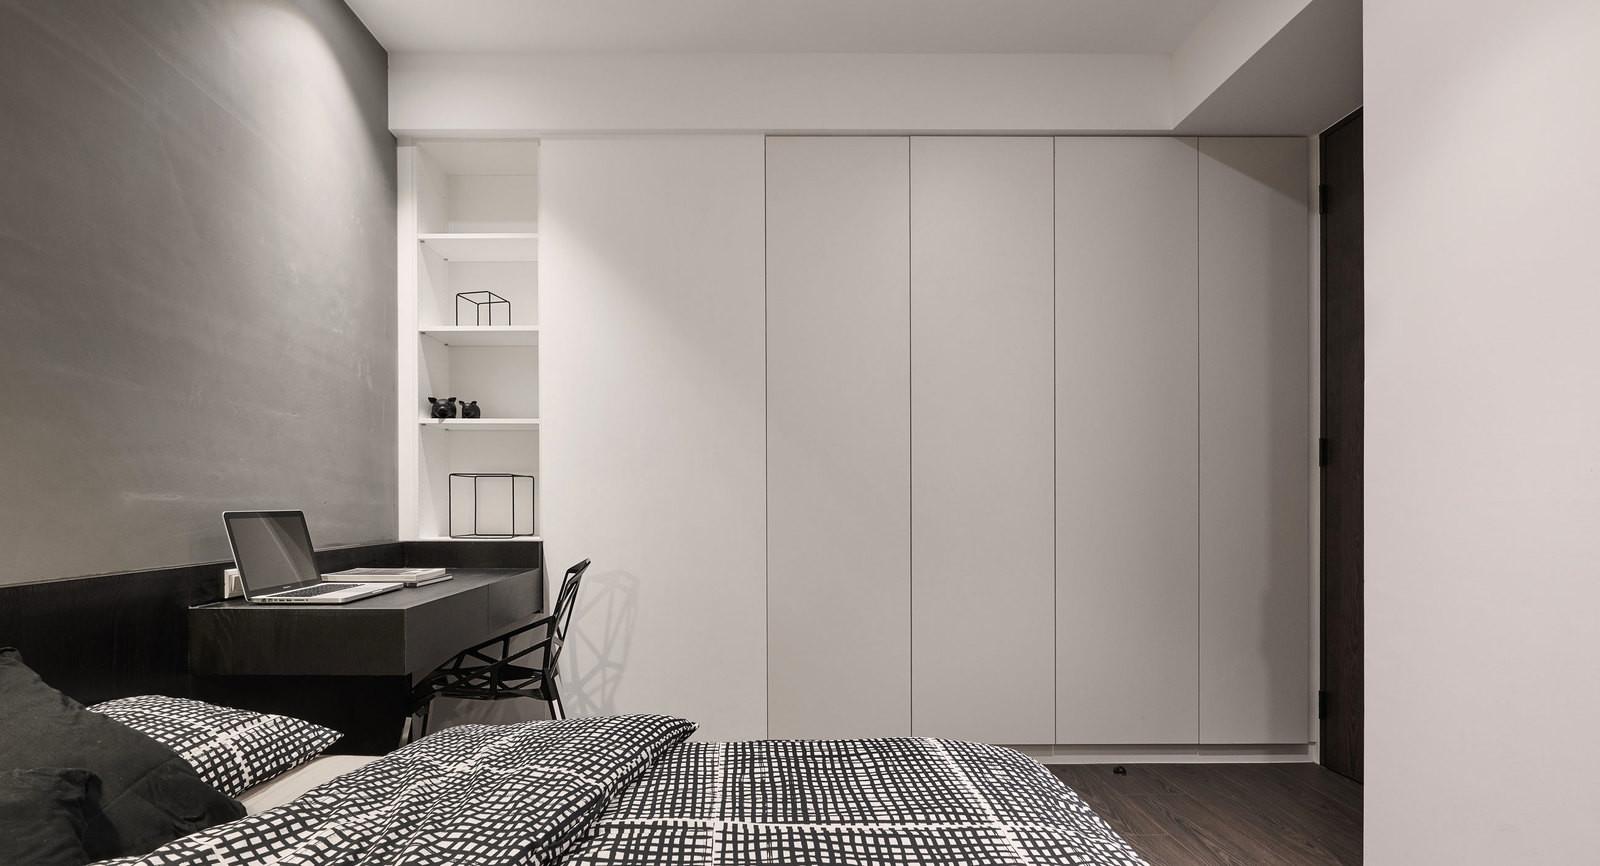 etaj-ot-kashta-s-moderen-i-prostoren-interioren-dizain-120-9